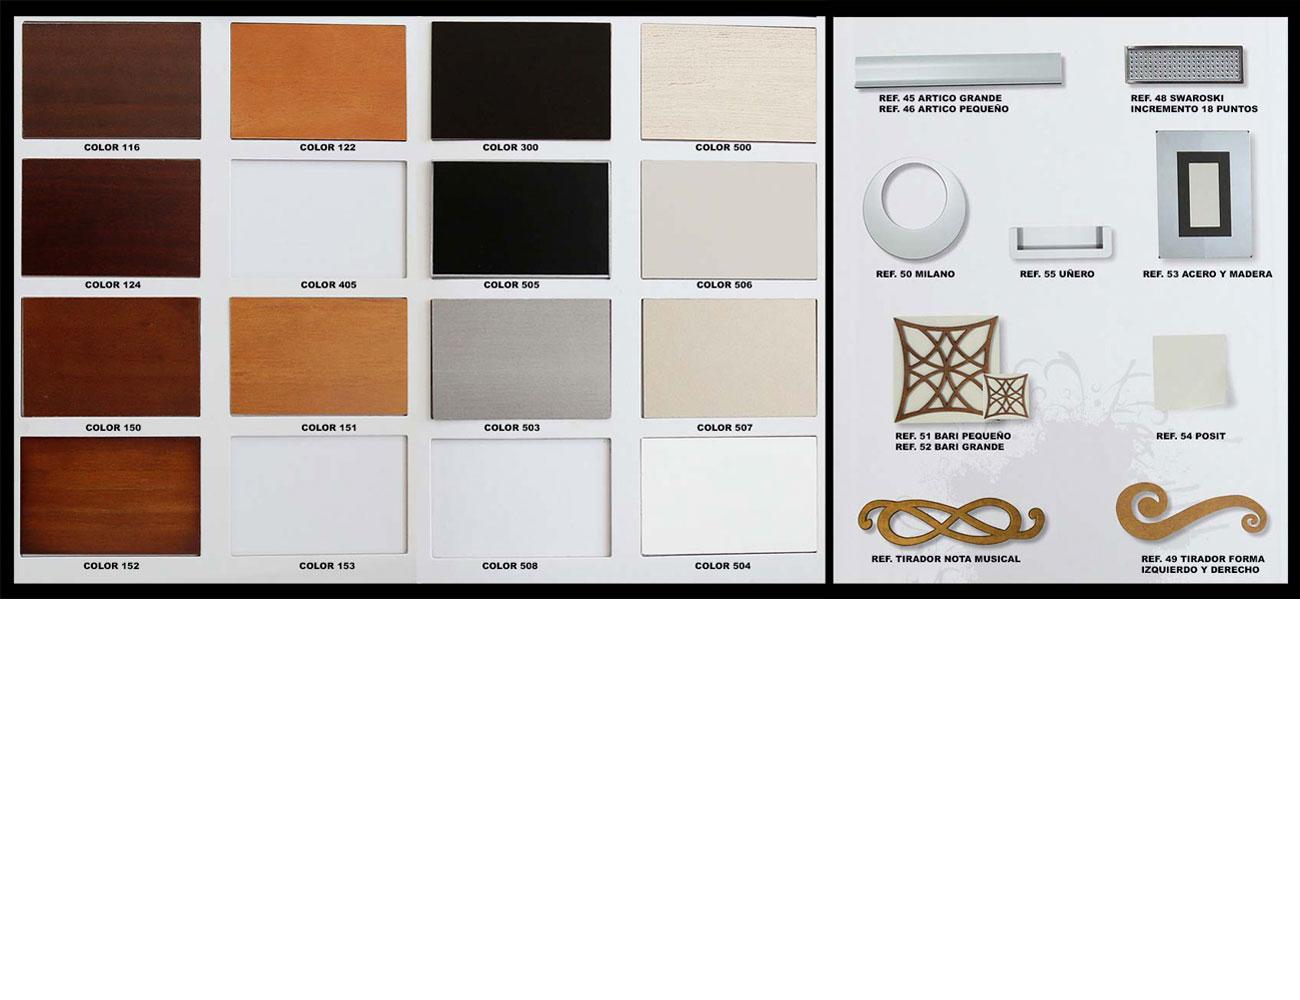 Colores tiradores19